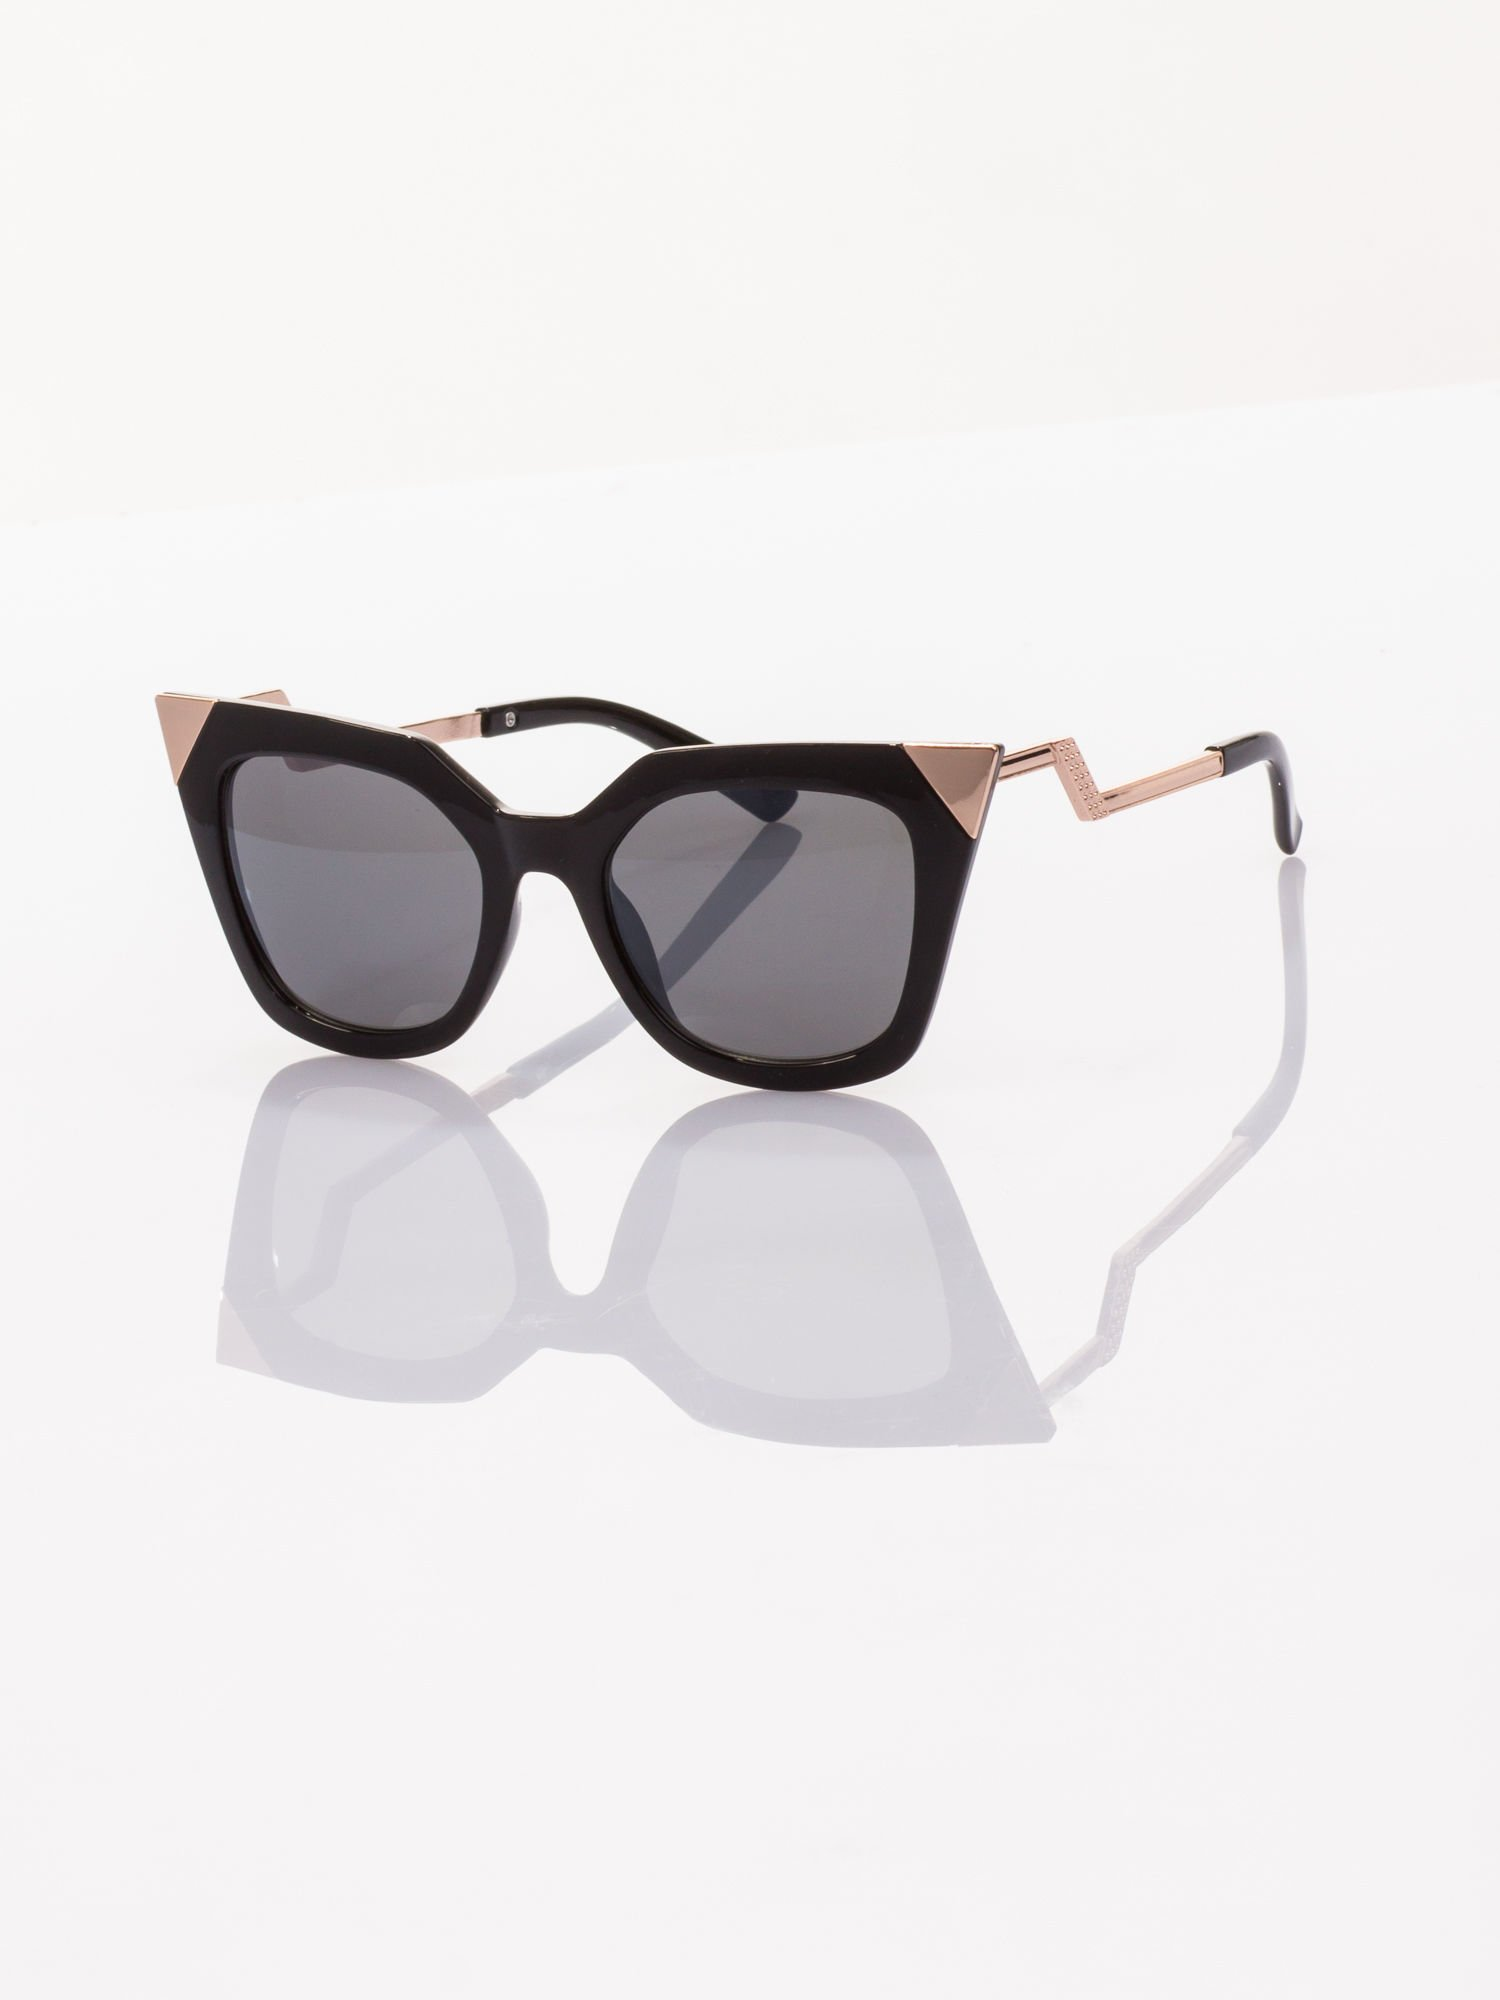 Czarne okulary FASHION przeciwsłoneczne KOCIE OCZY stylizowane na FENDI                                  zdj.                                  1